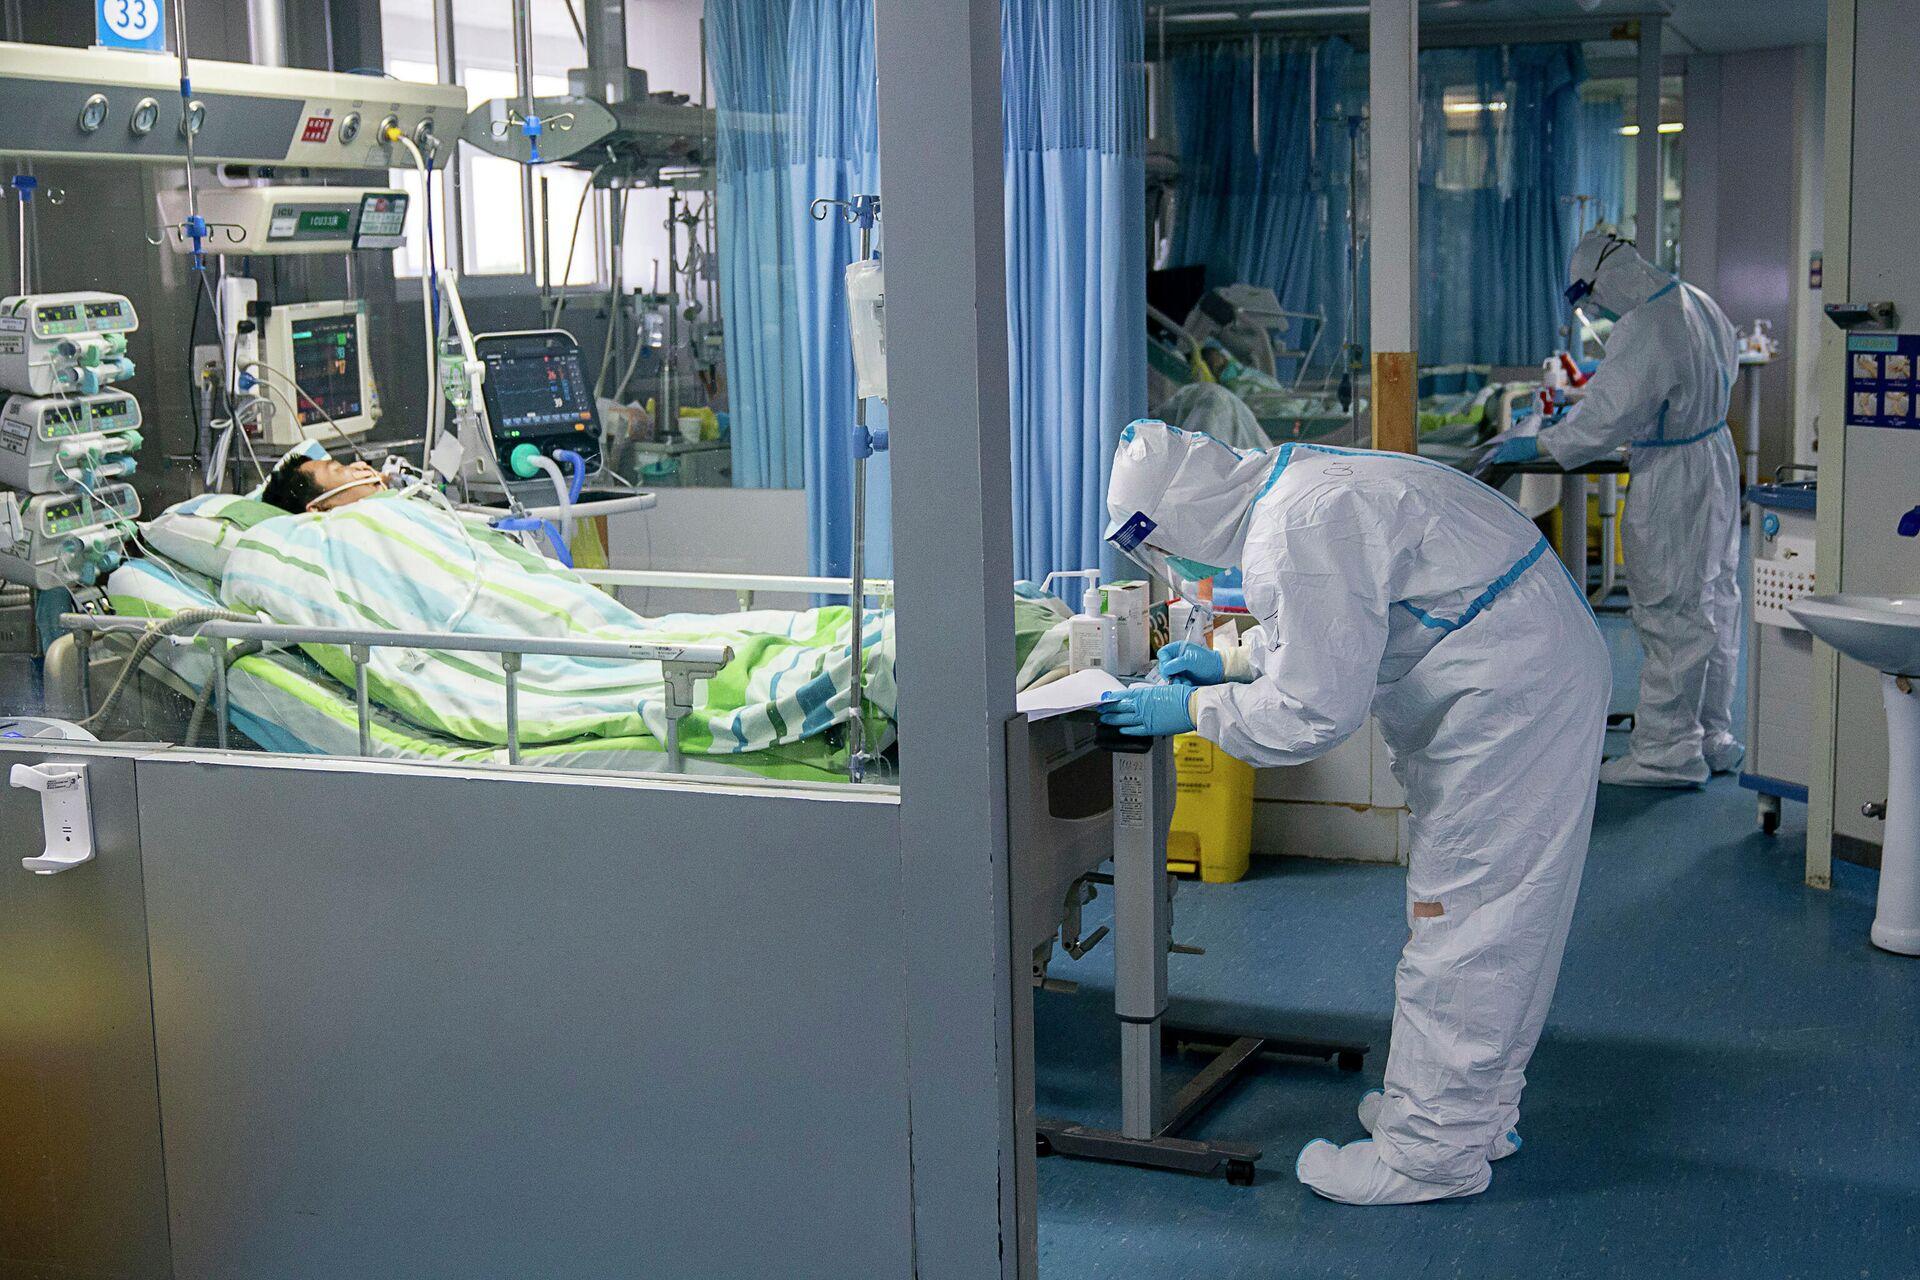 Врачи в отделении интенсивной терапии больницы Чжуннань в Ухане в провинции Хубэй в центральном Китае - РИА Новости, 1920, 07.10.2020